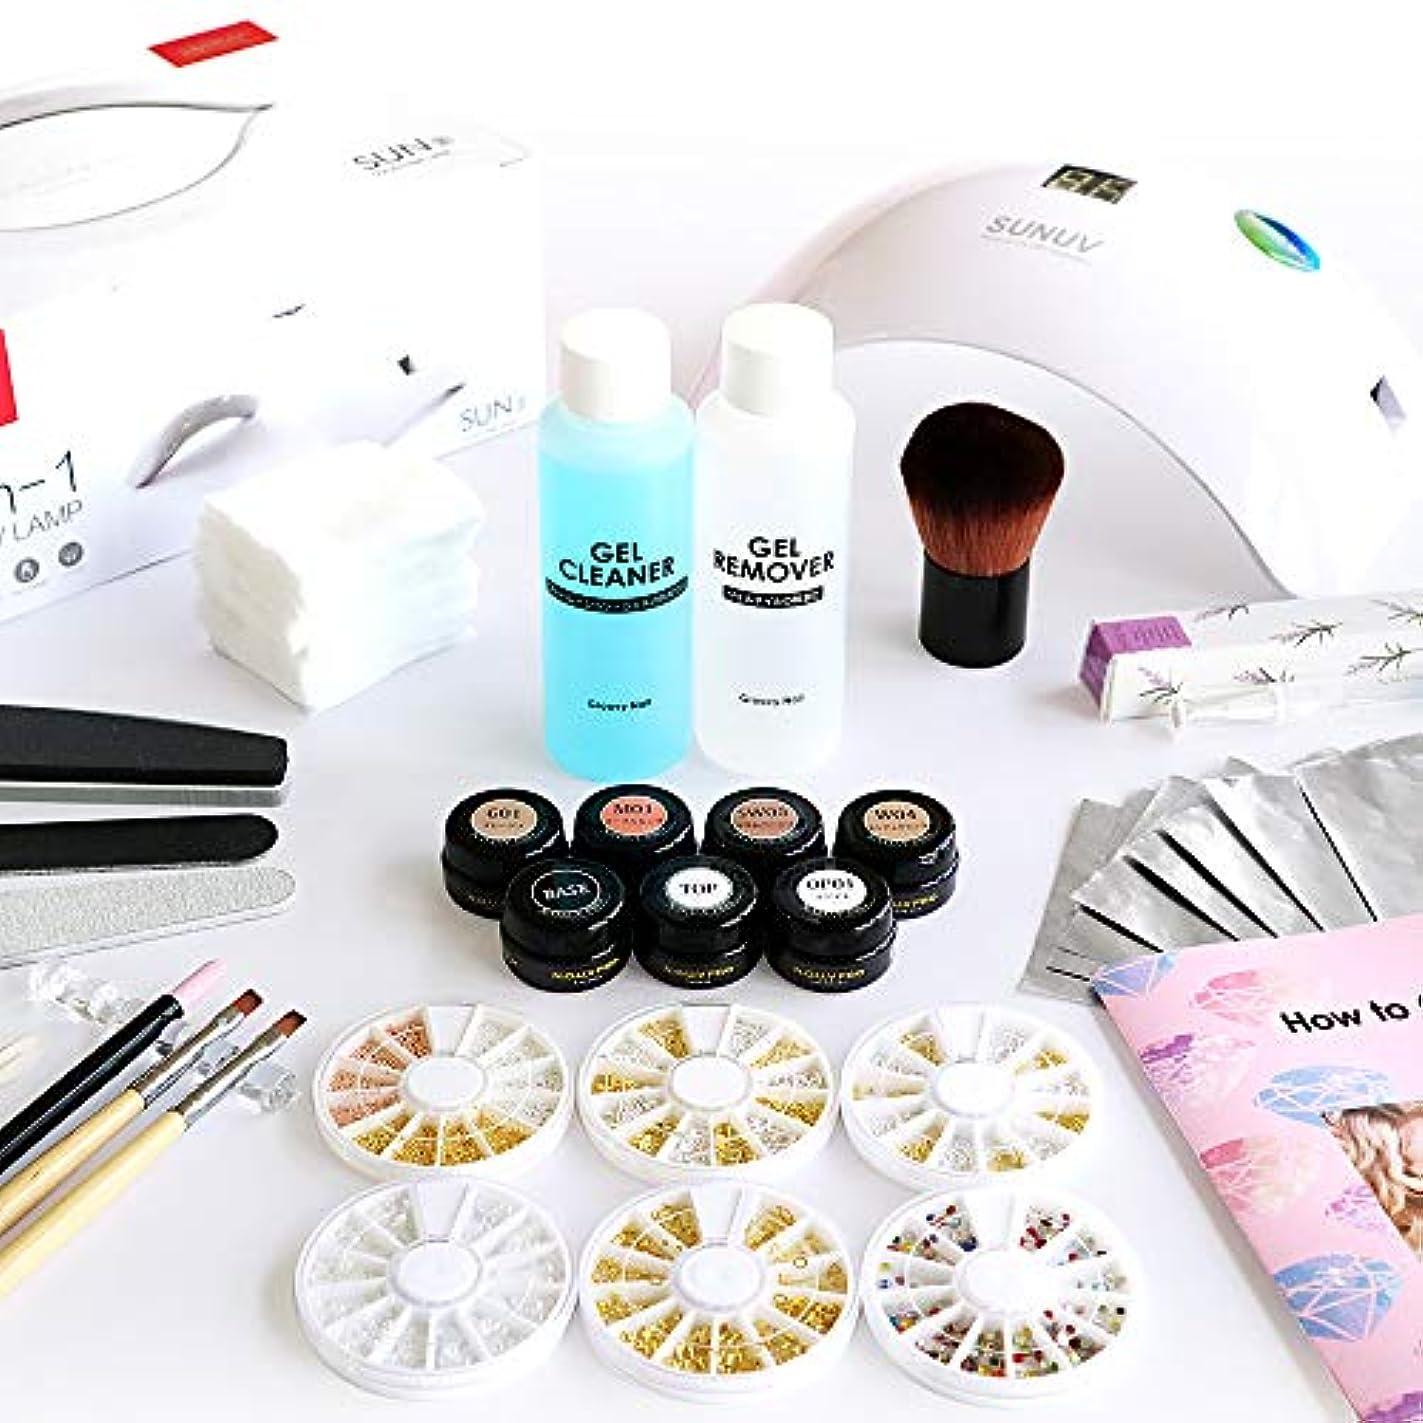 花嫁メモ有望ジェルネイル スターターキット 日本製カラージェル6色+LEDライト48W ネイルアート 初心者におすすめ